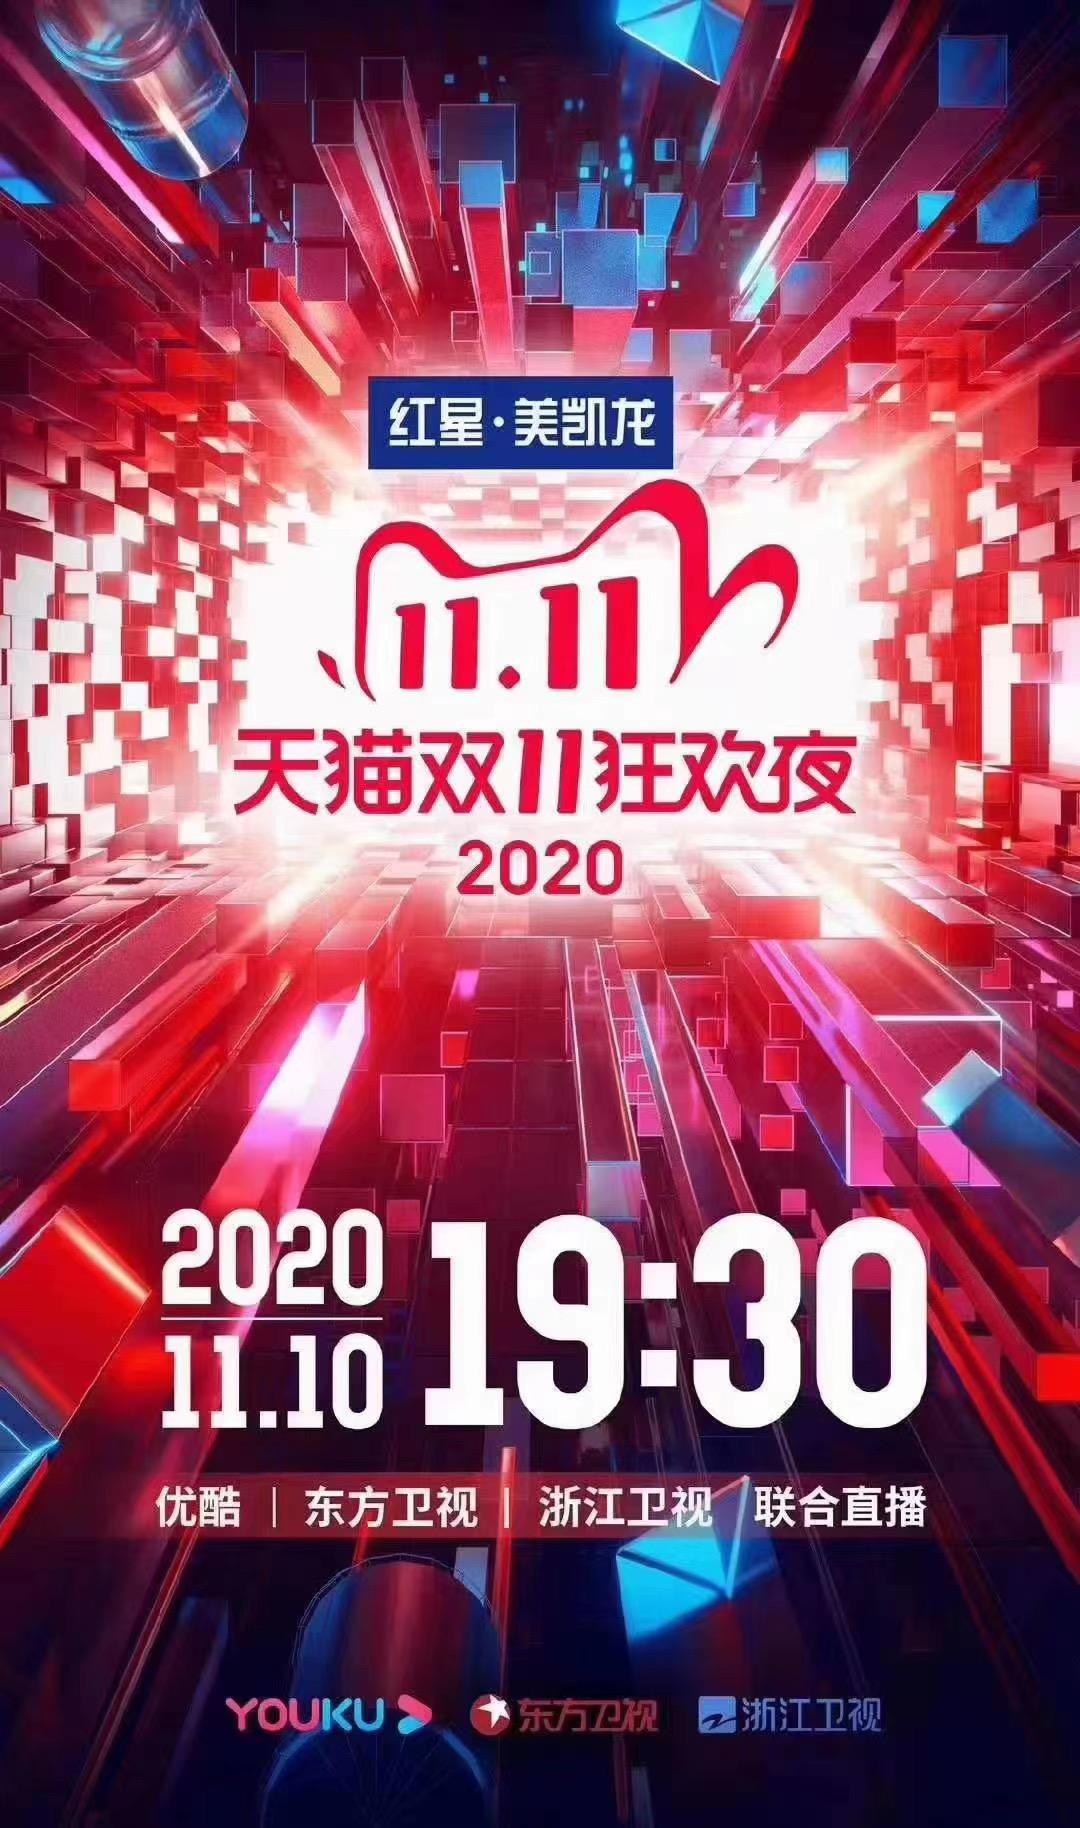 【上海】2020天猫双十一狂欢夜